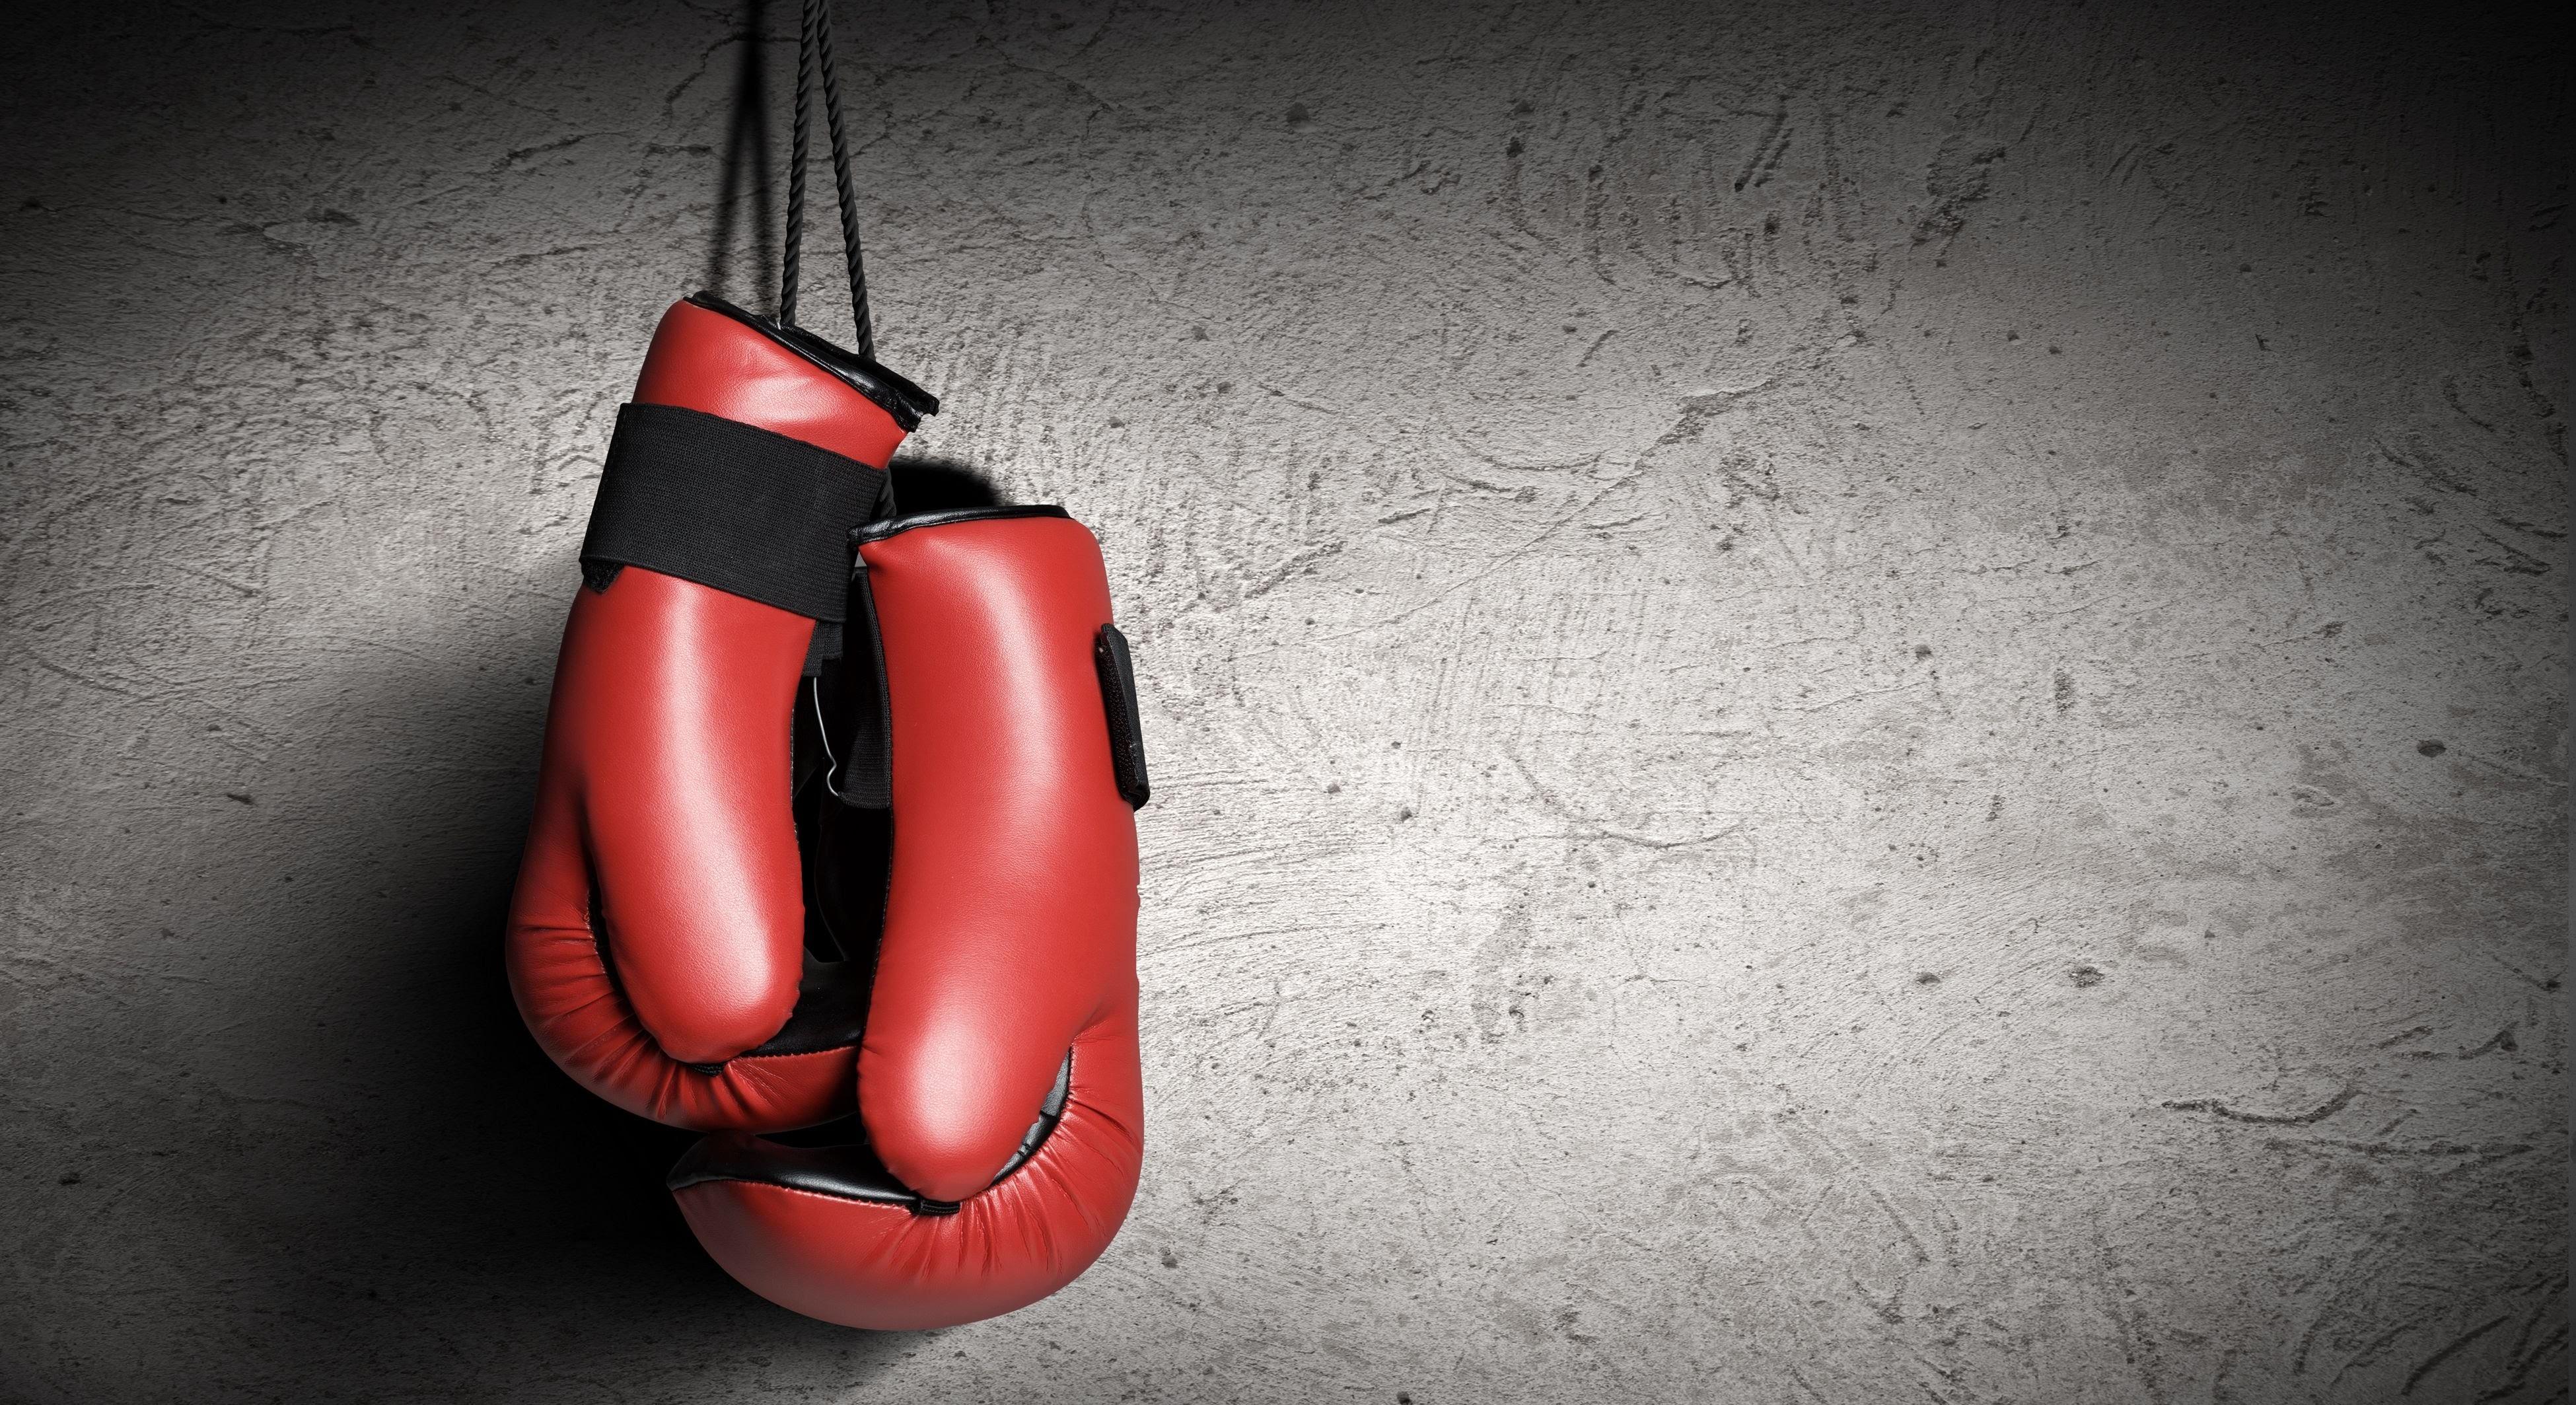 обои на рабочей стол тема бокс № 635879 без смс